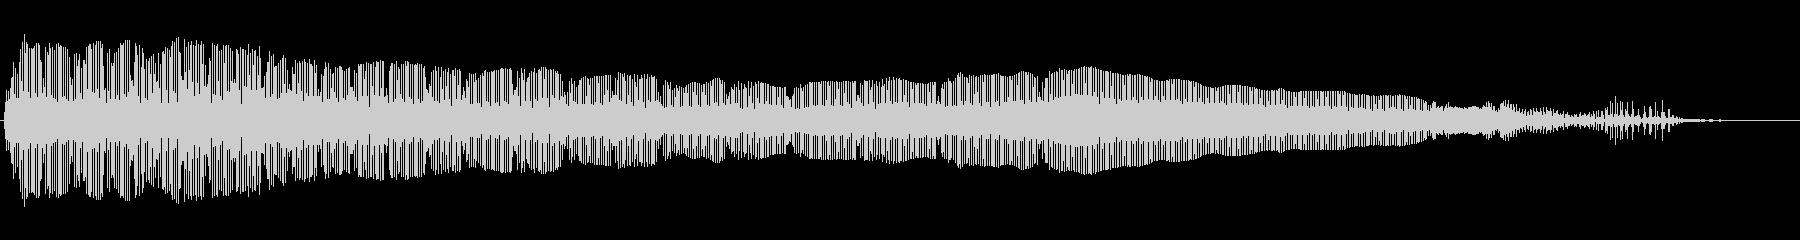 TUBA:ディテールトライルアンド...の未再生の波形